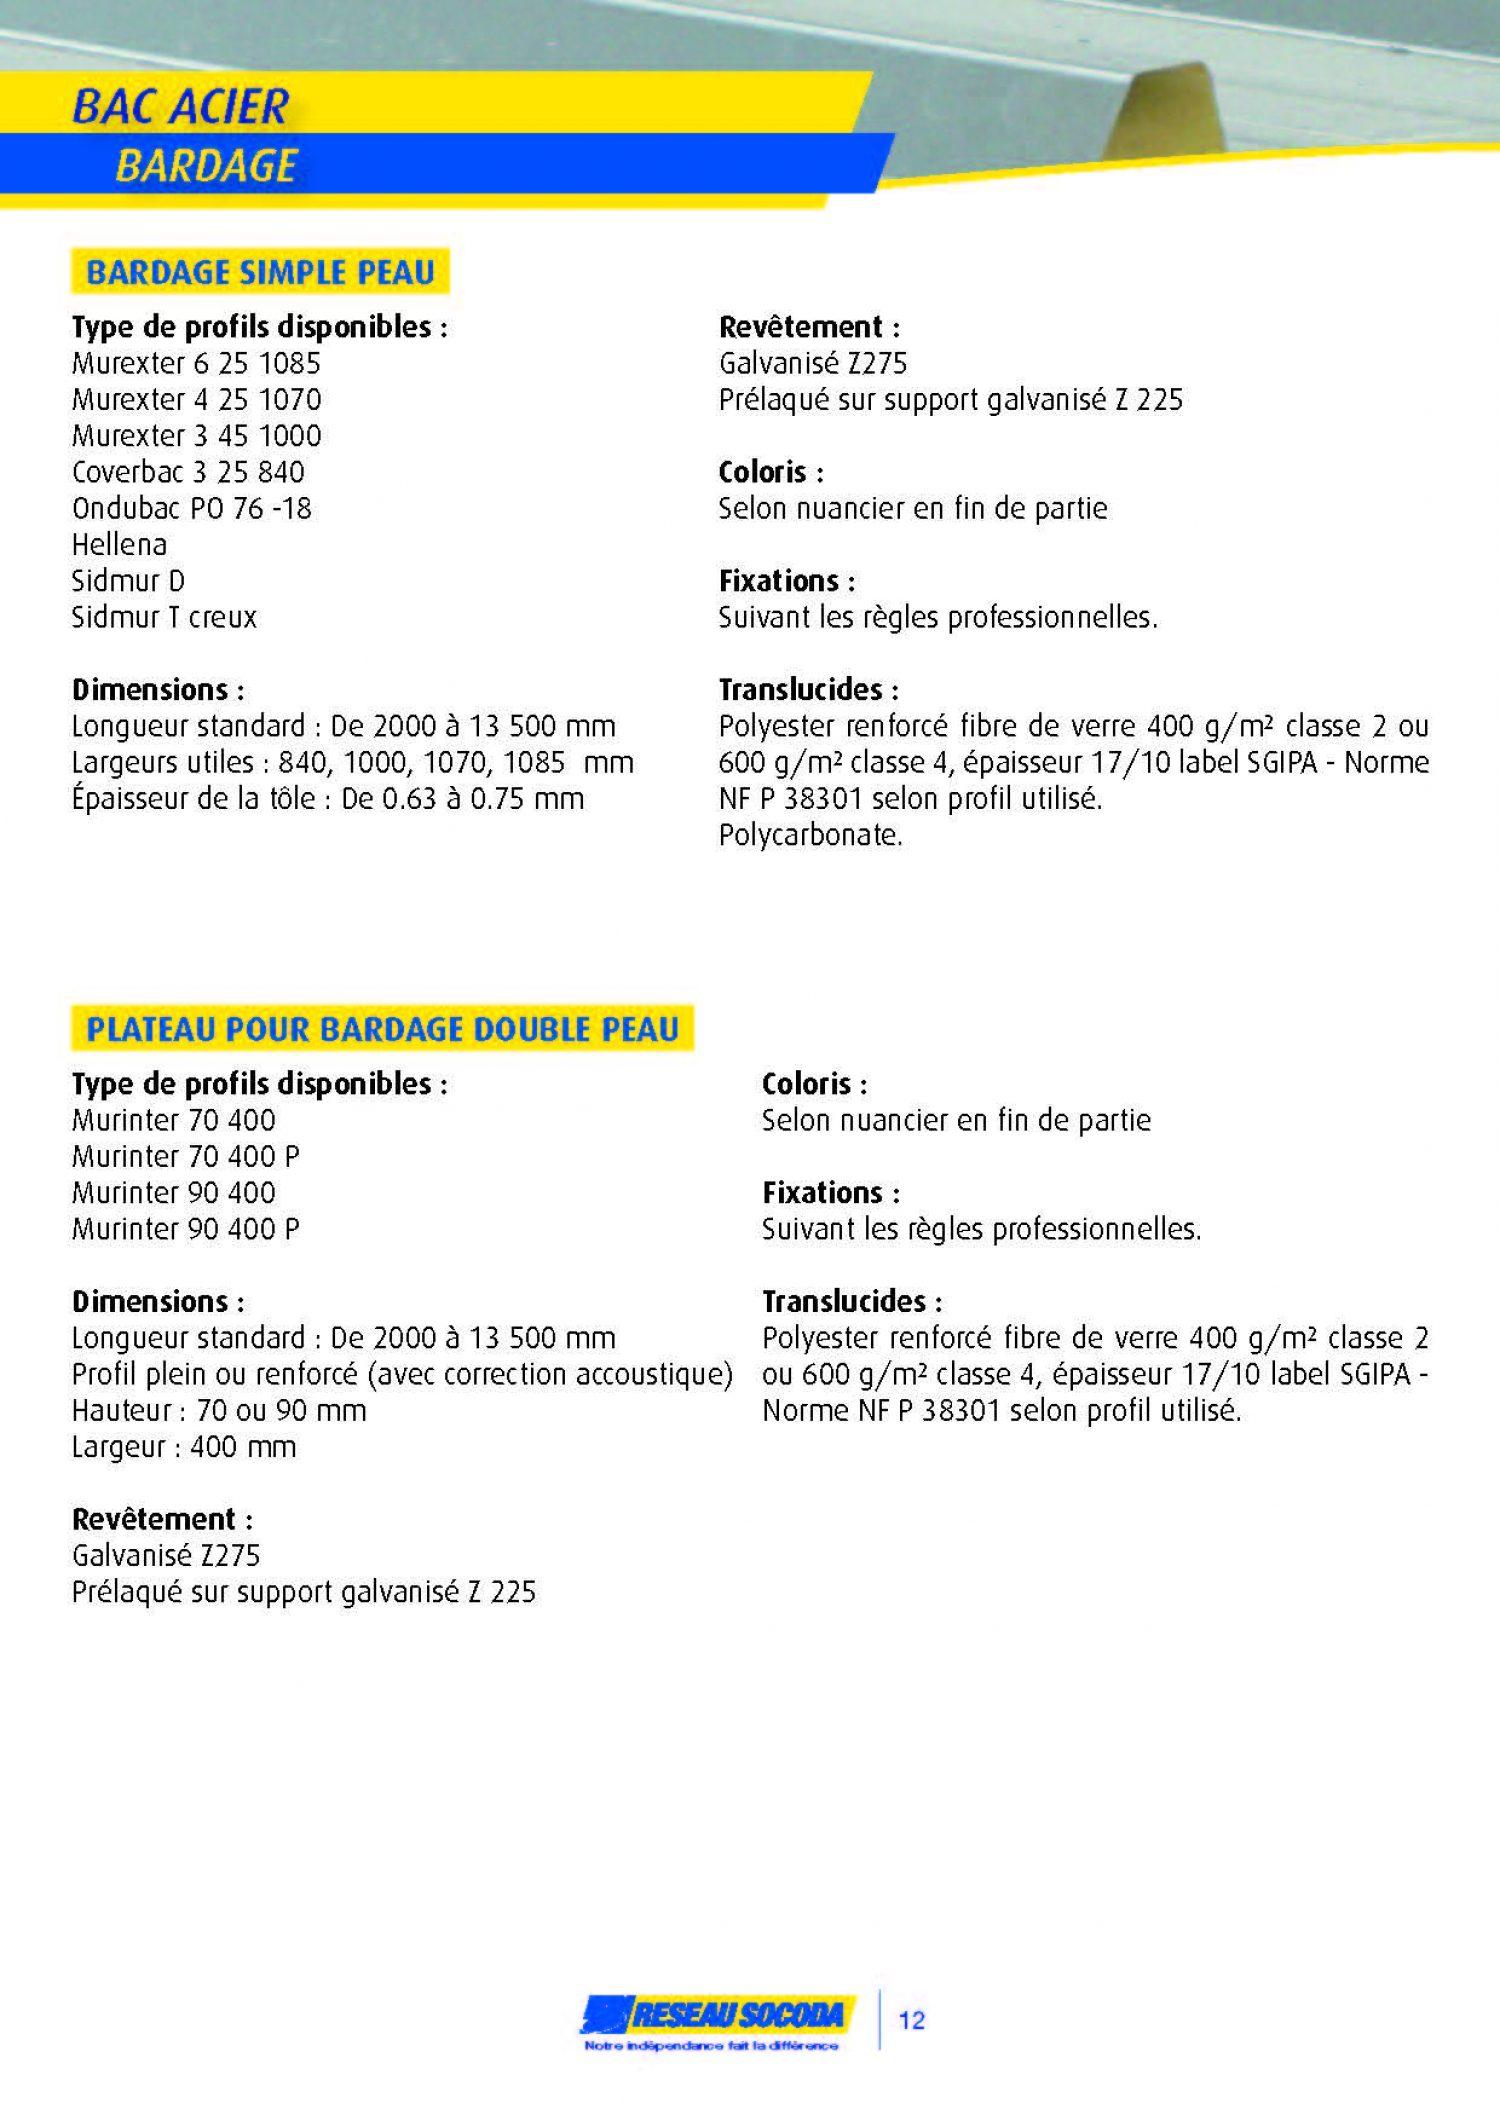 GERMOND_2014 PROFIL BATIMENT_20140324-184231_Page_12